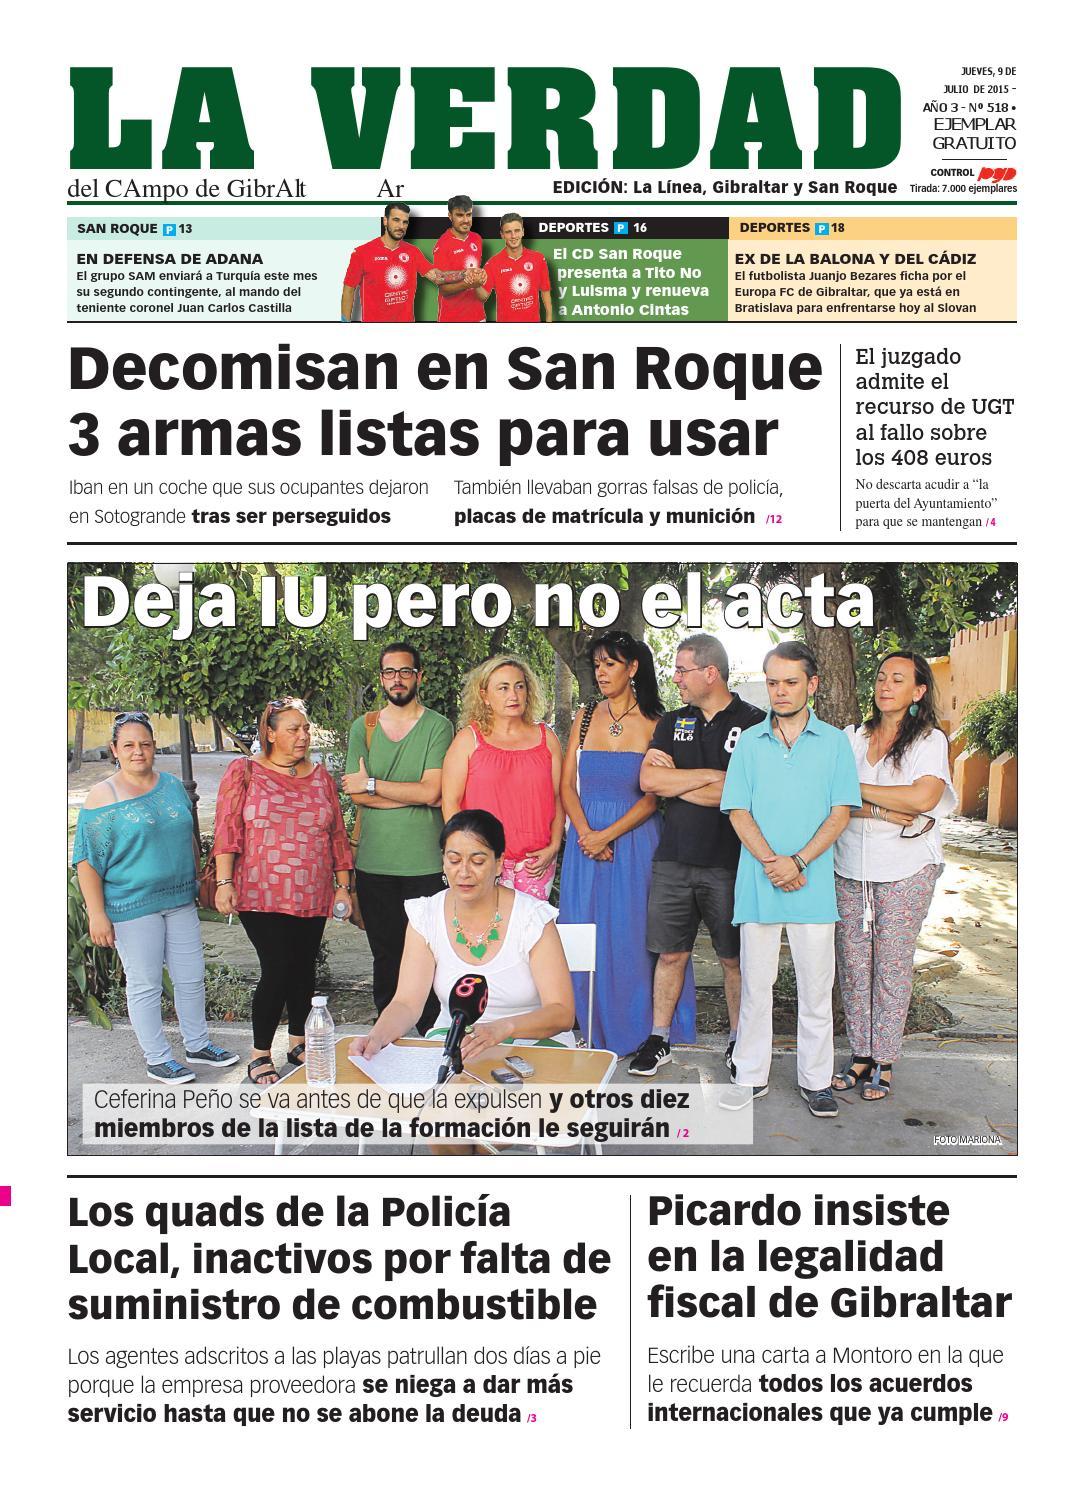 Actriz Porno Nacida En Gibraltar la verdad la línea 9 julio de 2015la verdad del campo de